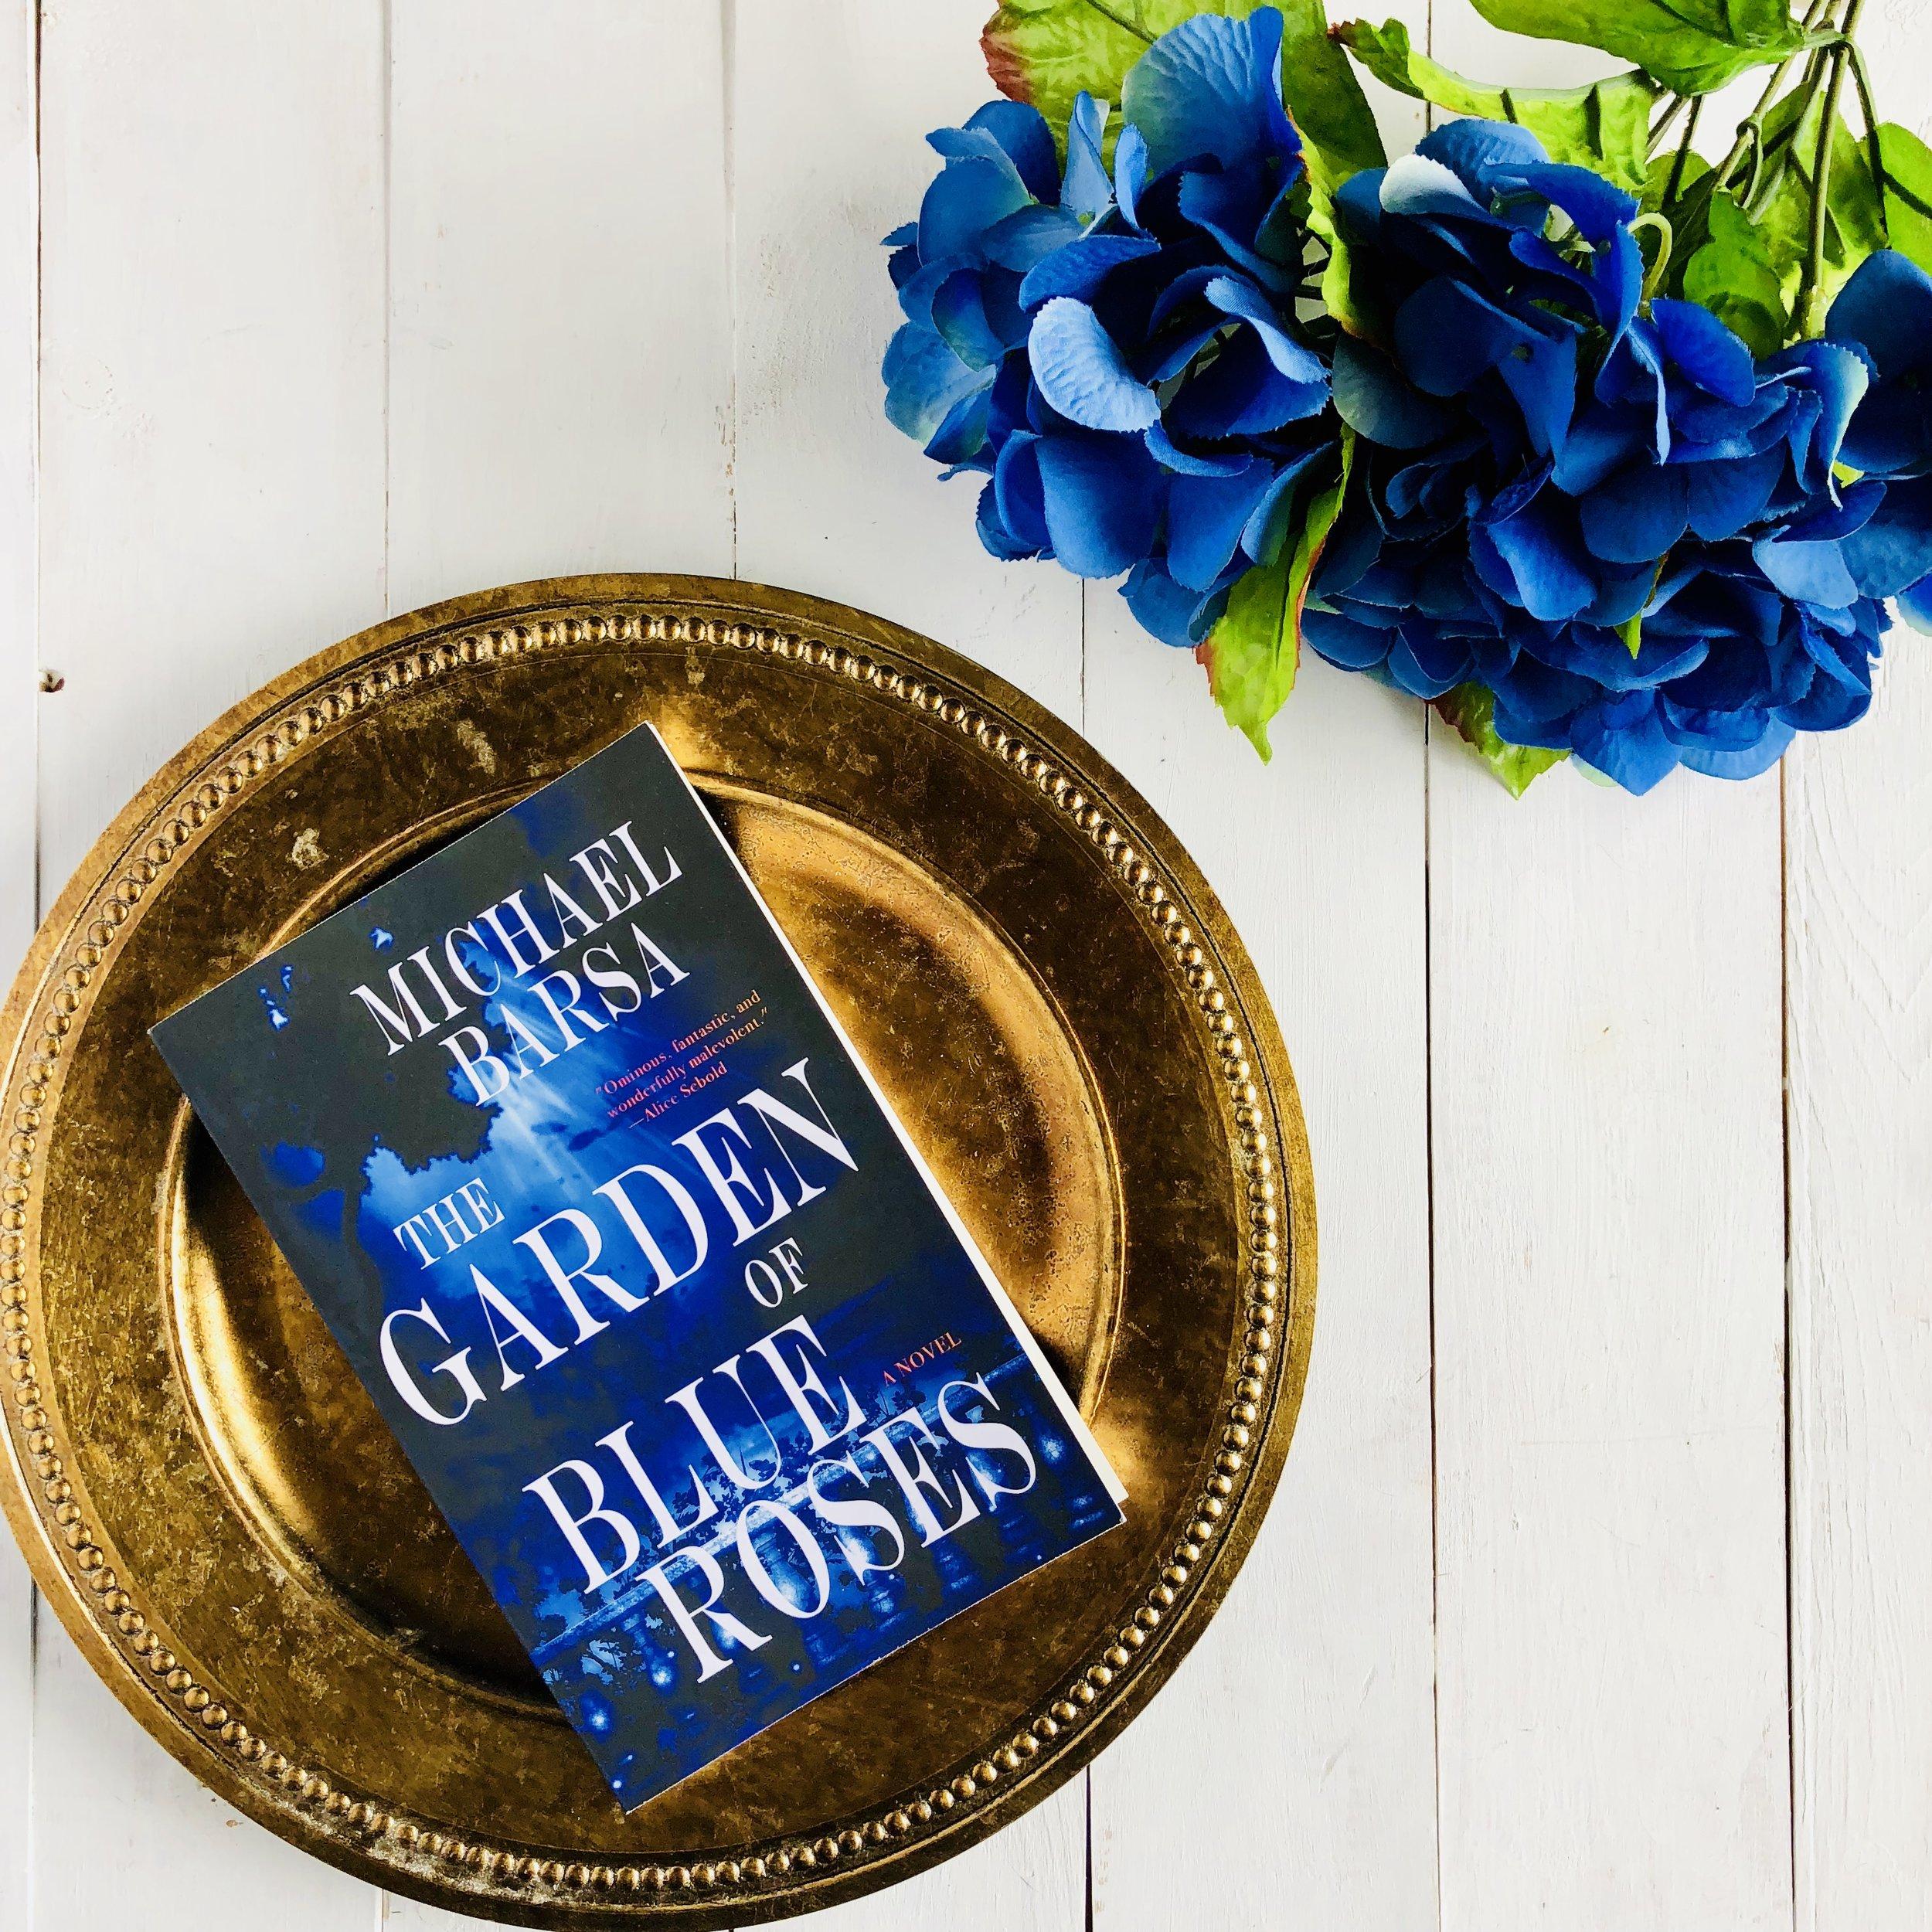 The Garden of Blue Roses Michael Barsa